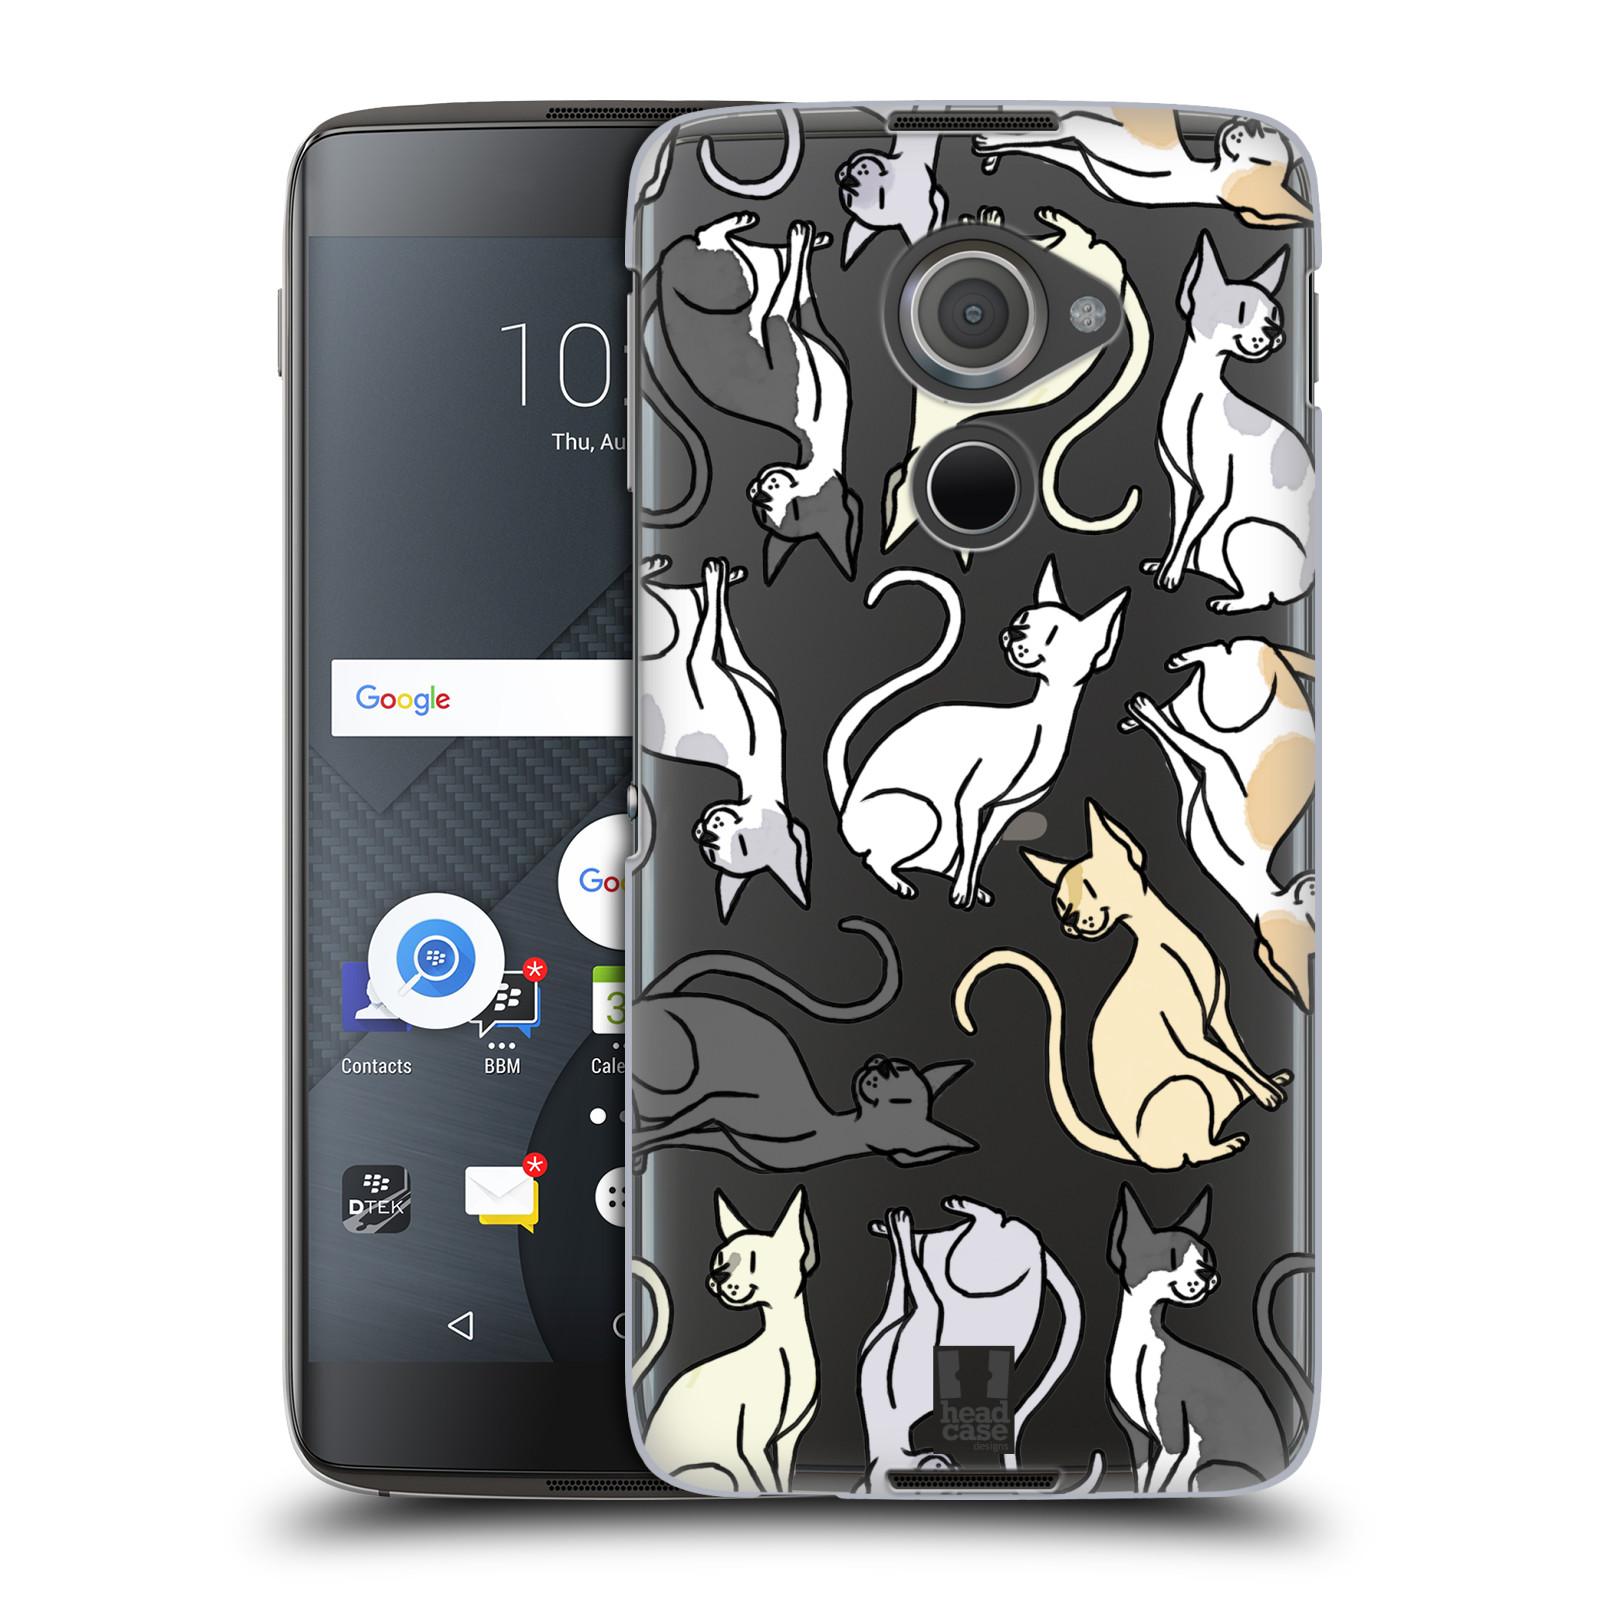 Plastové pouzdro na mobil Blackberry DTEK60 (Argon) - Head Case - Sphynx kočka (Plastový kryt či obal na mobilní telefon s motivem kočiček pro Blackberry DTEK60 (Argon))